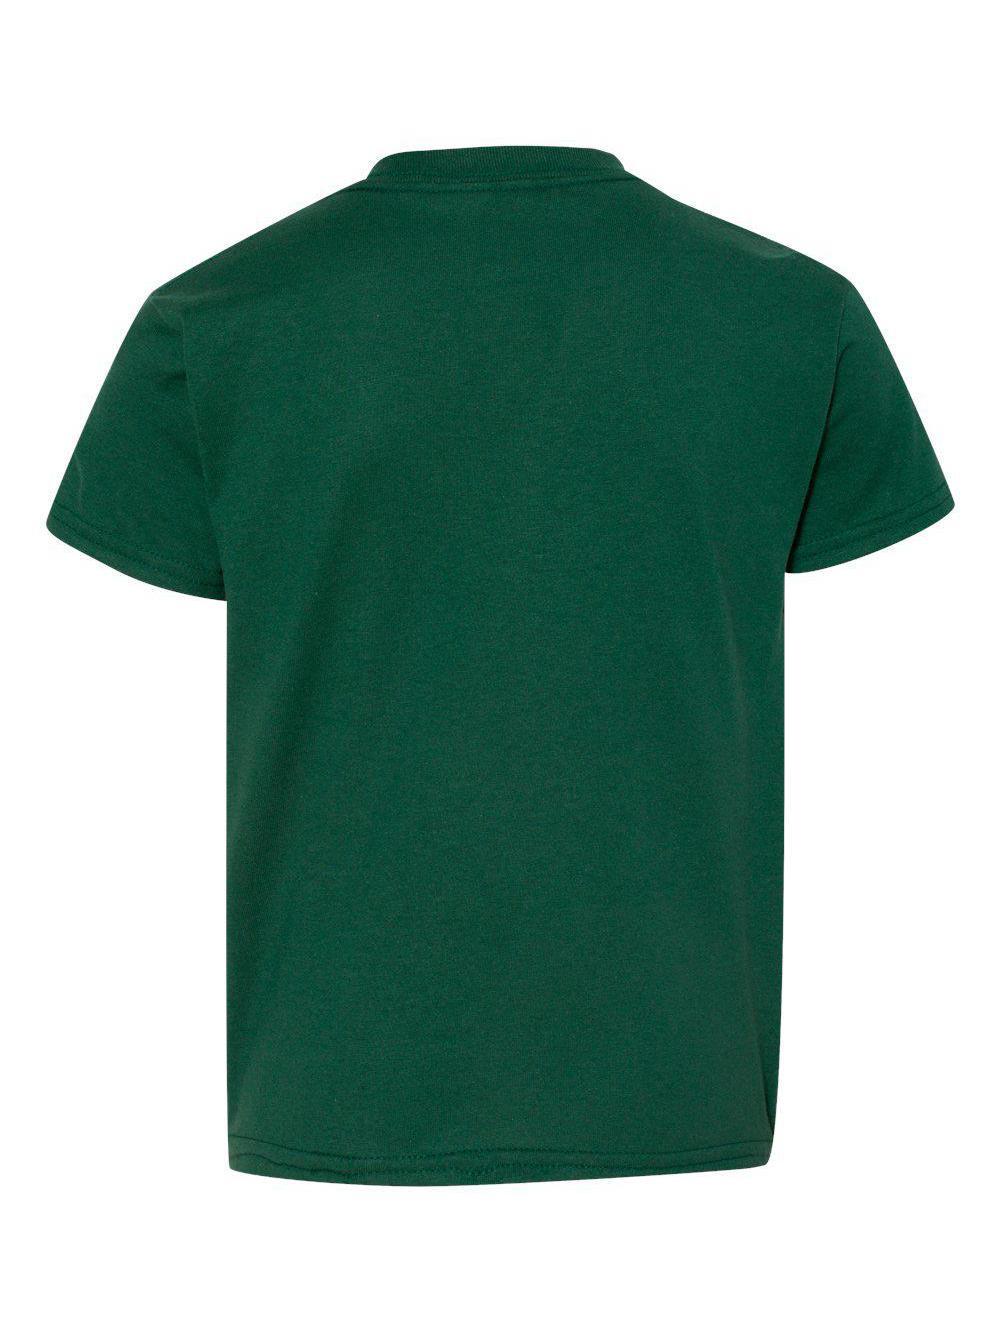 Gildan-DryBlend-Youth-50-50-T-Shirt-8000B thumbnail 91